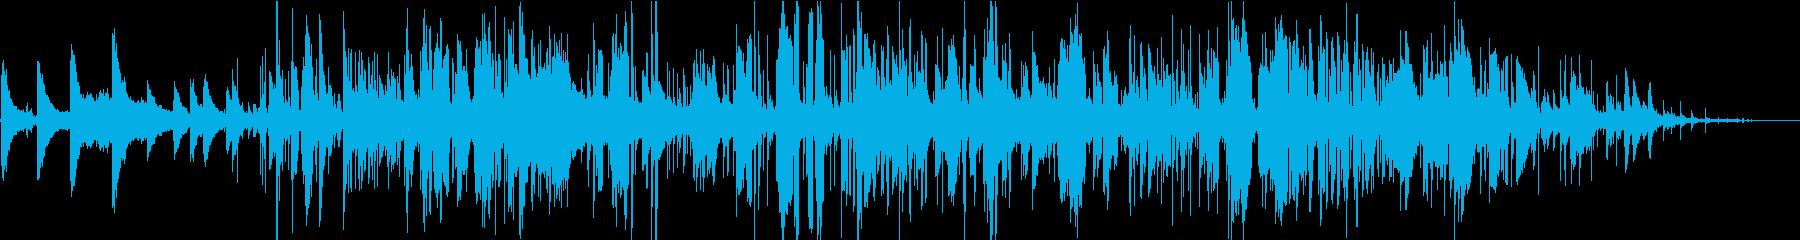 フリージャズの静かで構造化されてい...の再生済みの波形